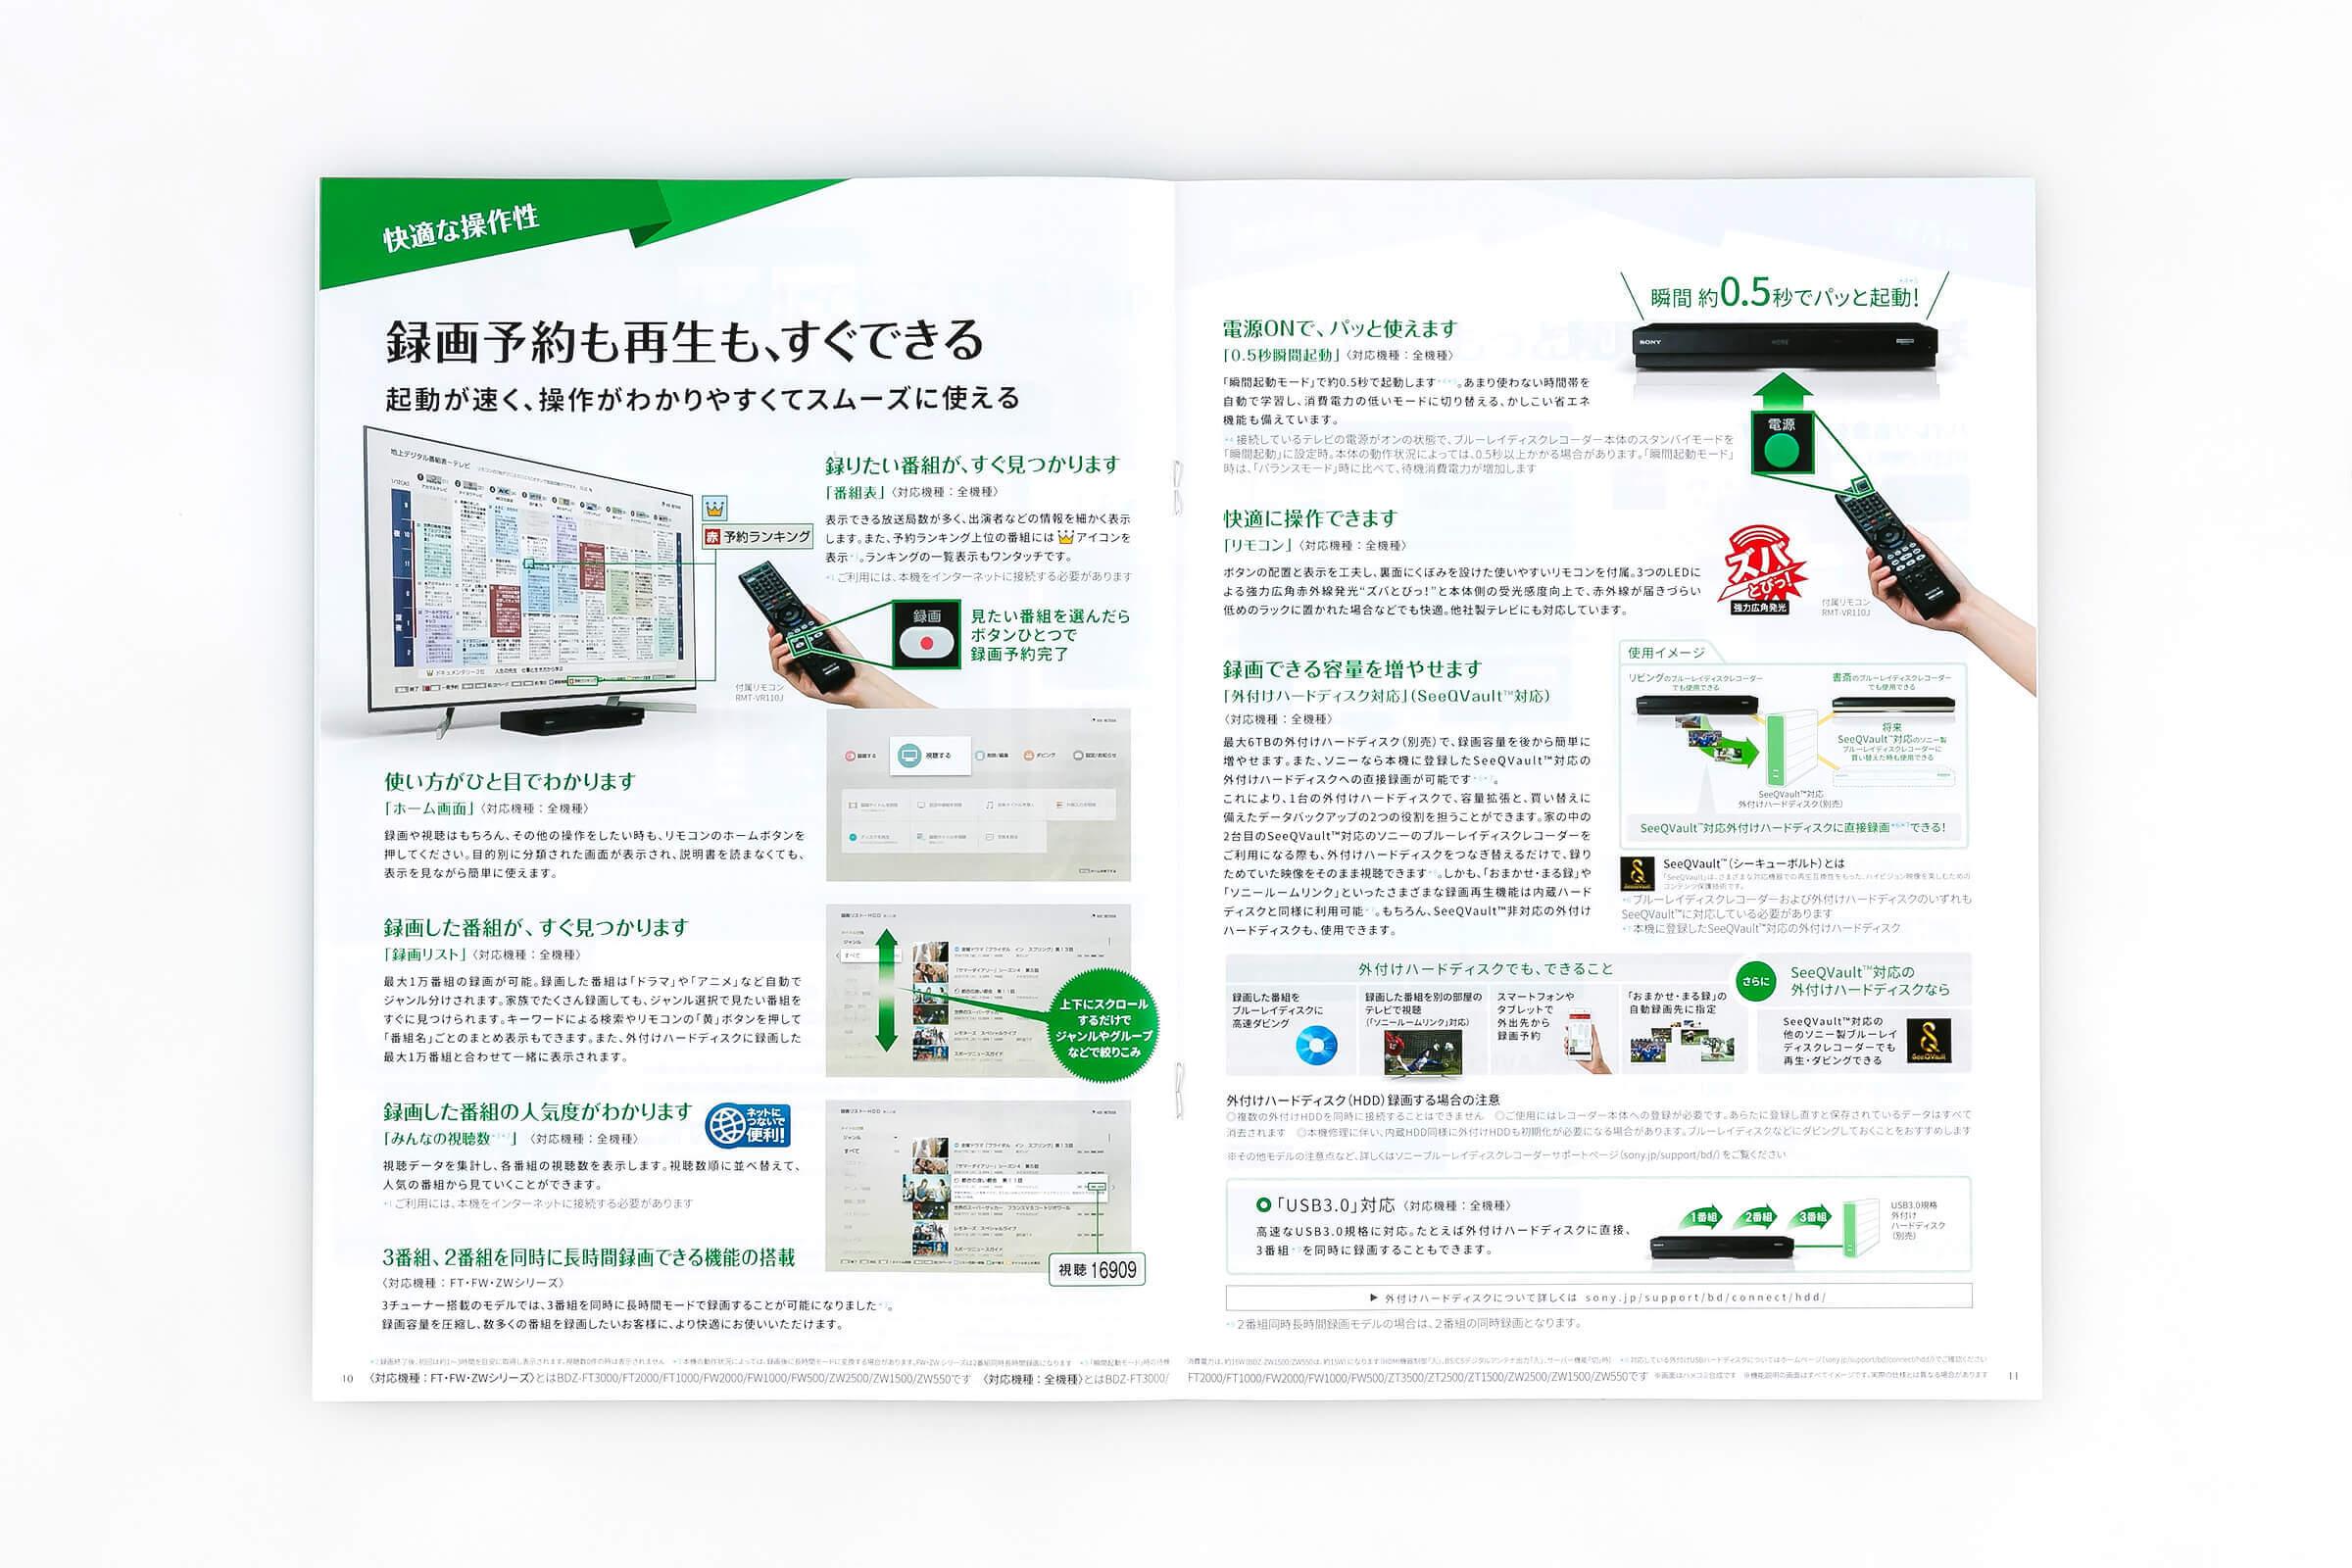 ブルーレイディスク/DVDレコーダー総合パンフレット2018年春号 10-11快適な操作性説明ページ